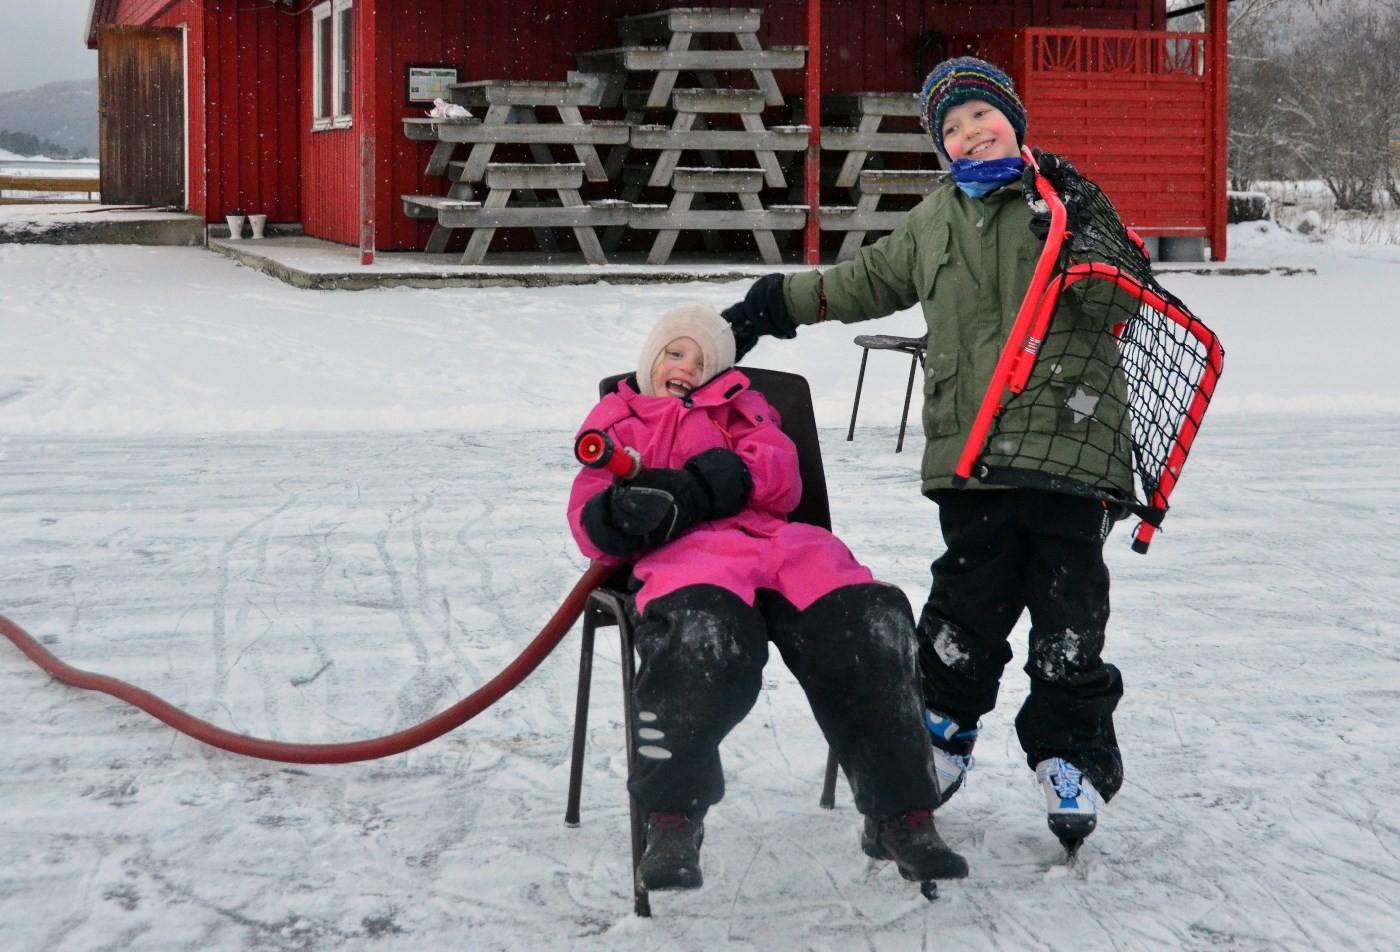 Maria og Ingebrigt er klare med vannslangen for å lage is på Bordholmen.  Foto: Jon Olav Ørsal